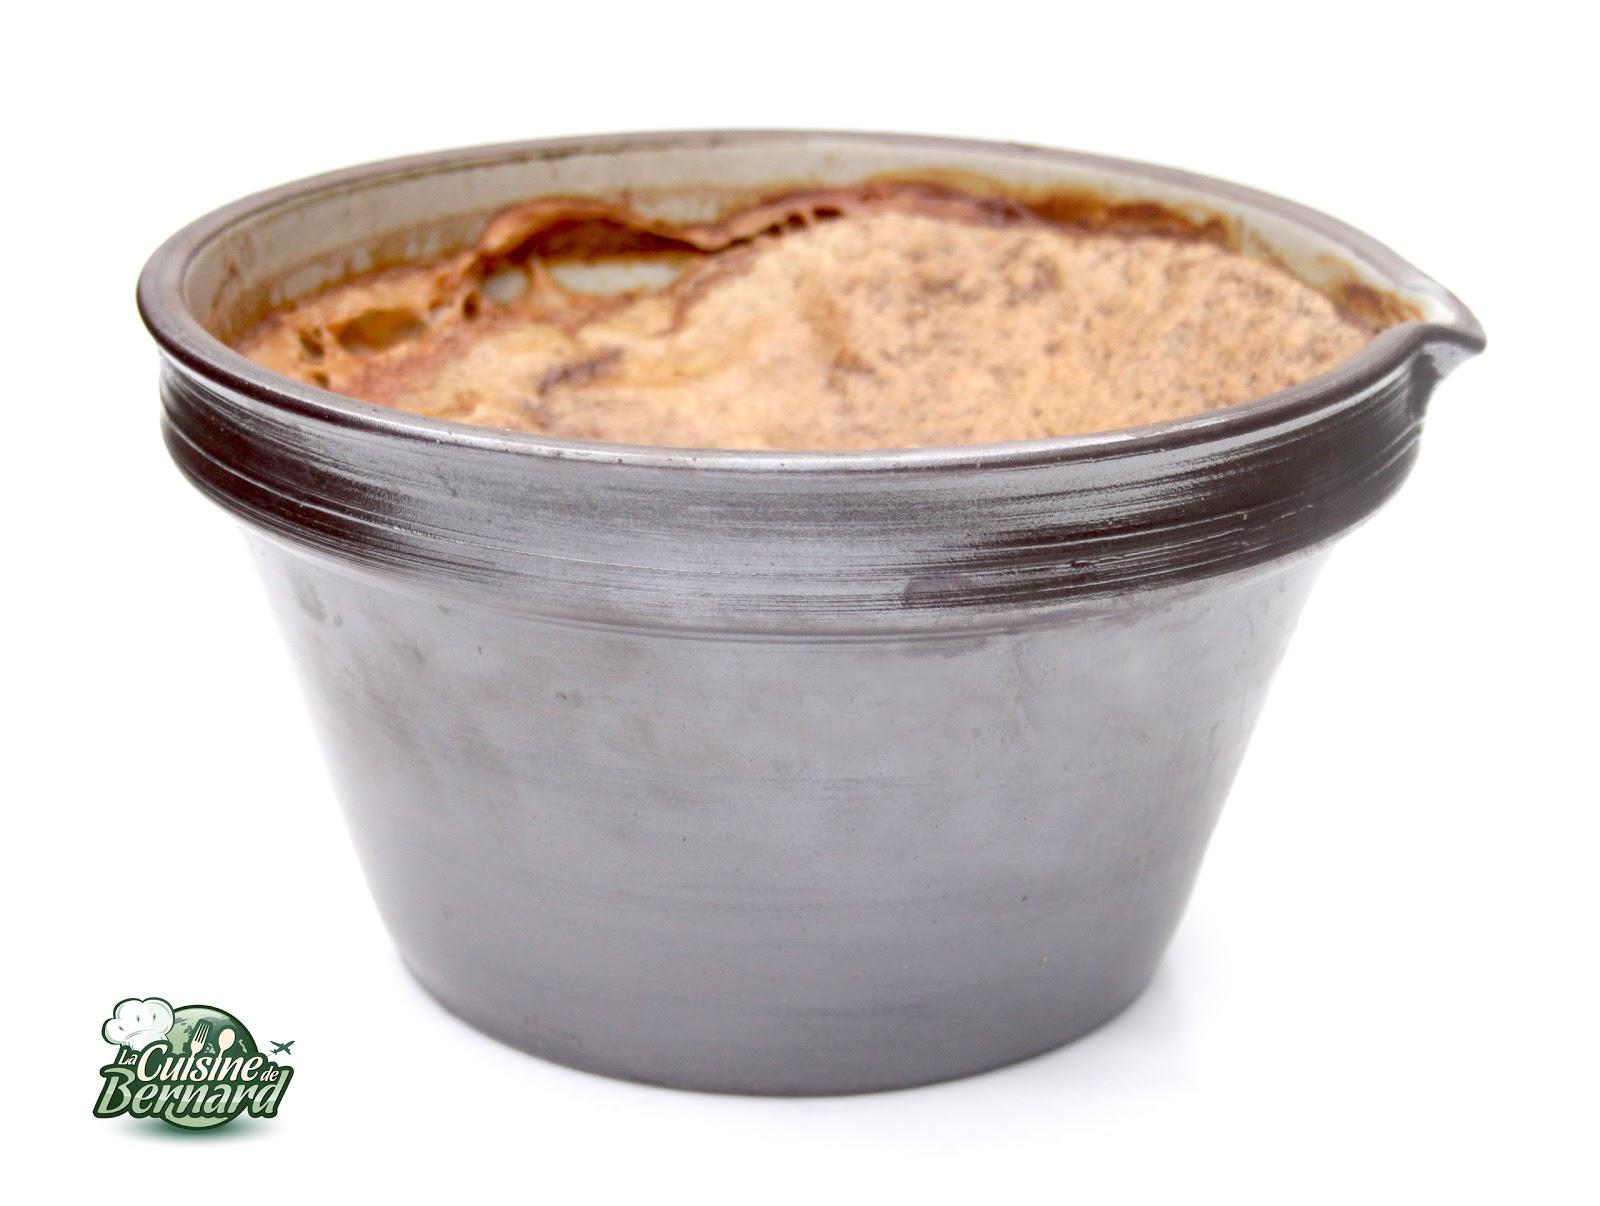 La cuisine de bernard teurgoule normande for Specialite normande cuisine